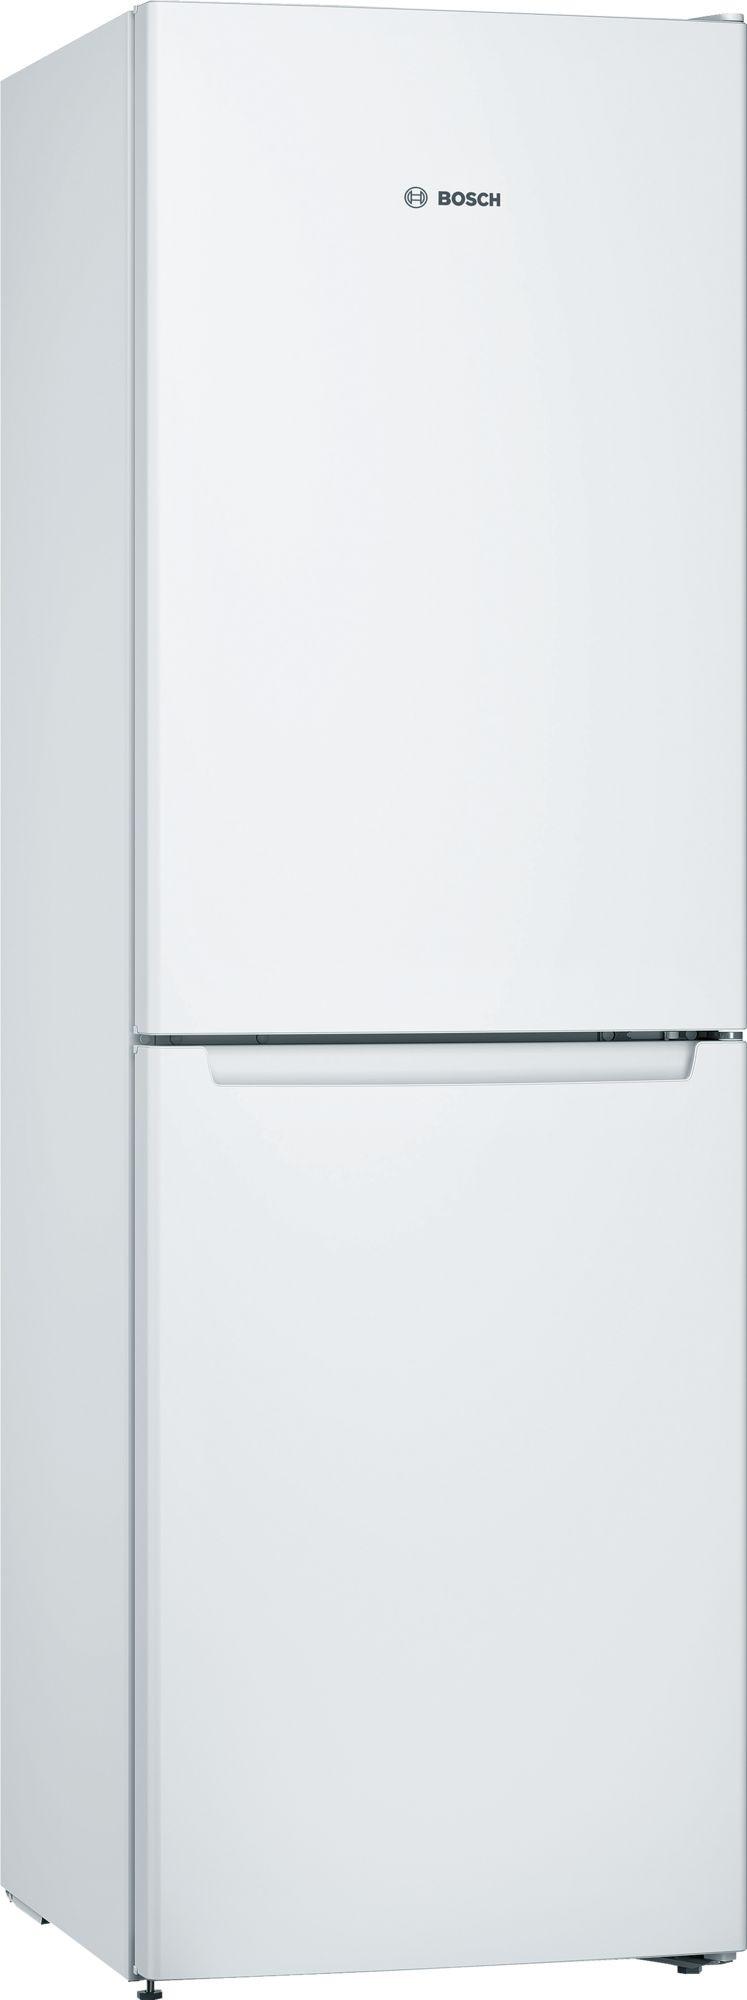 Bosch Serie 2 KGN34NW3AG Freestanding White Fridge Freezer